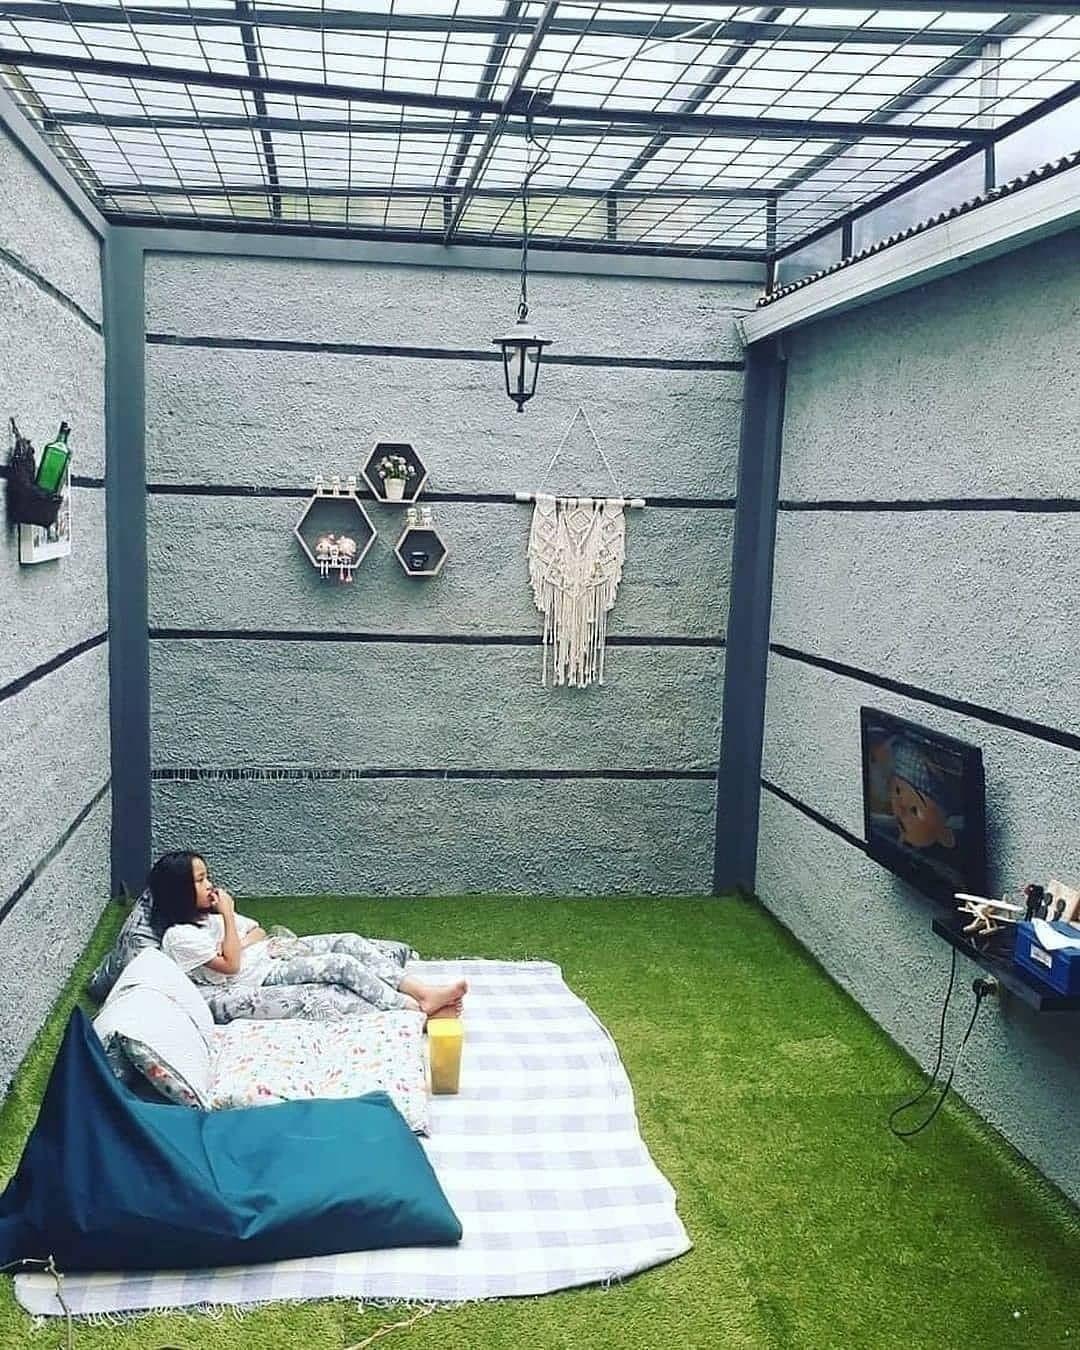 1 579 Likes 28 Comments Desain Rumah Minimalis Rumahminimalis Idn On Instagram Santuy Dulu Gaes Di 2020 Dekorasi Ruang Keluarga Desain Desain Rumah